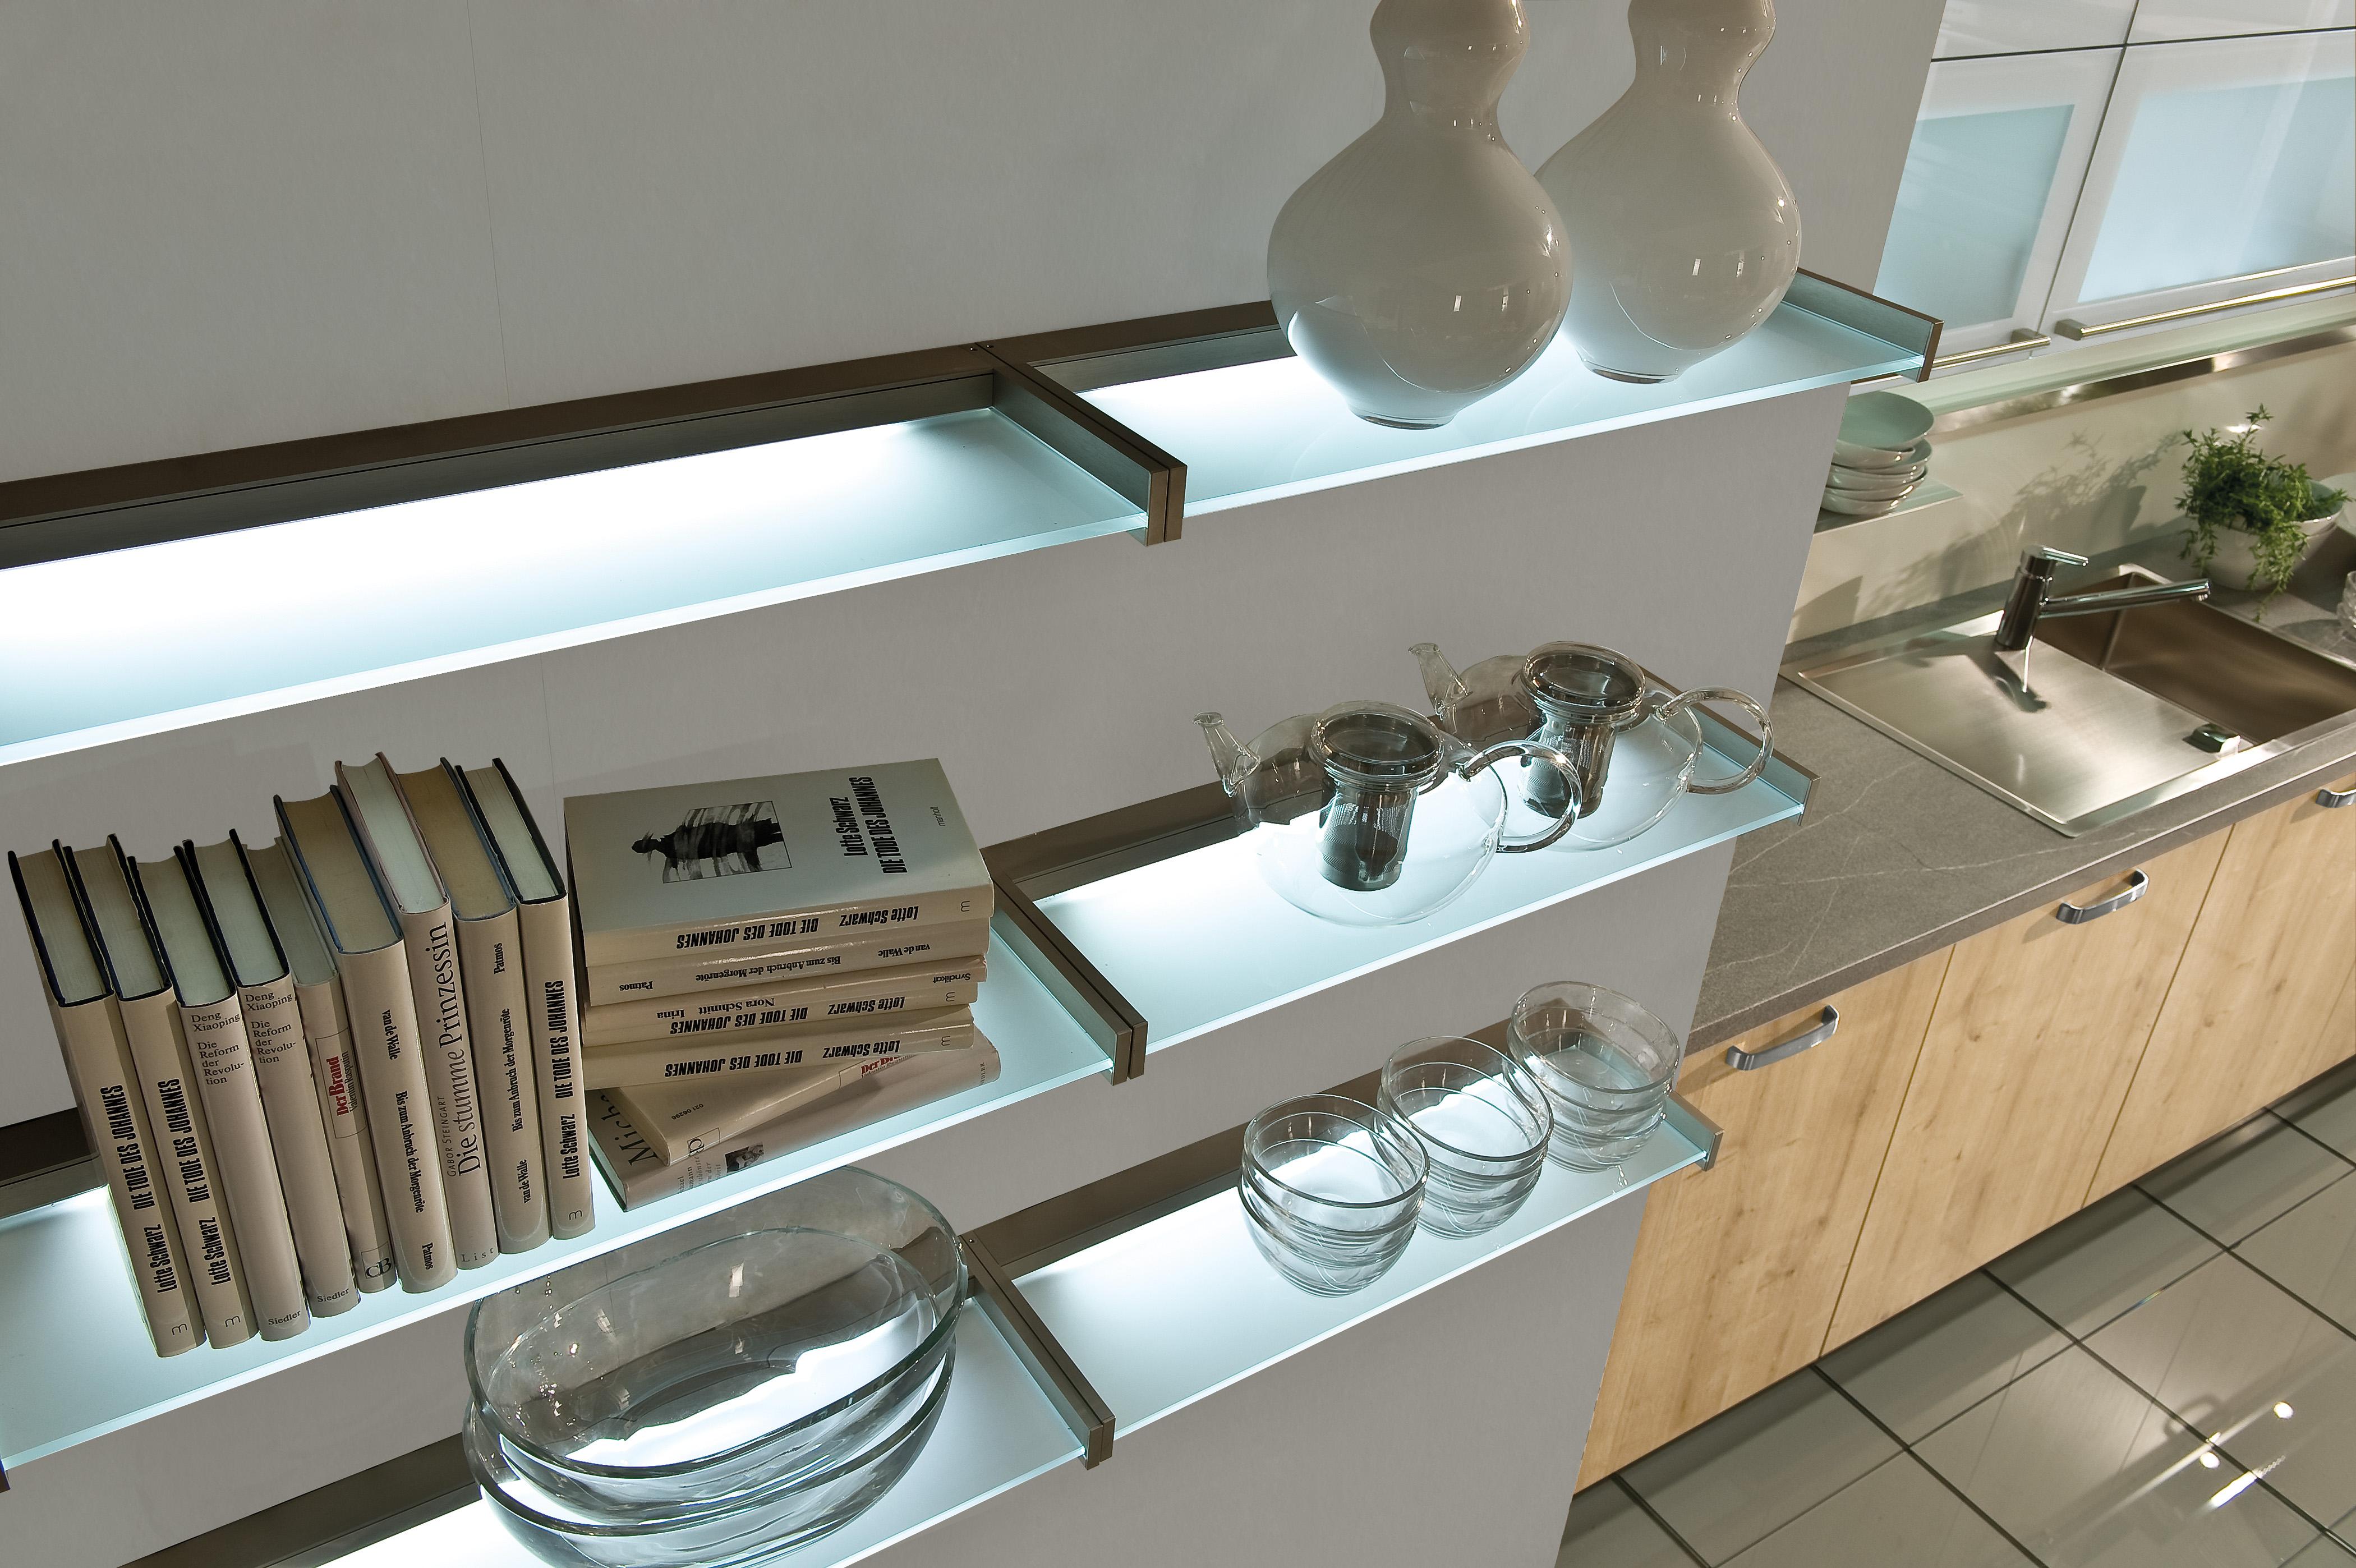 Hacker keuken kwaliteit   keuken industrieel.com